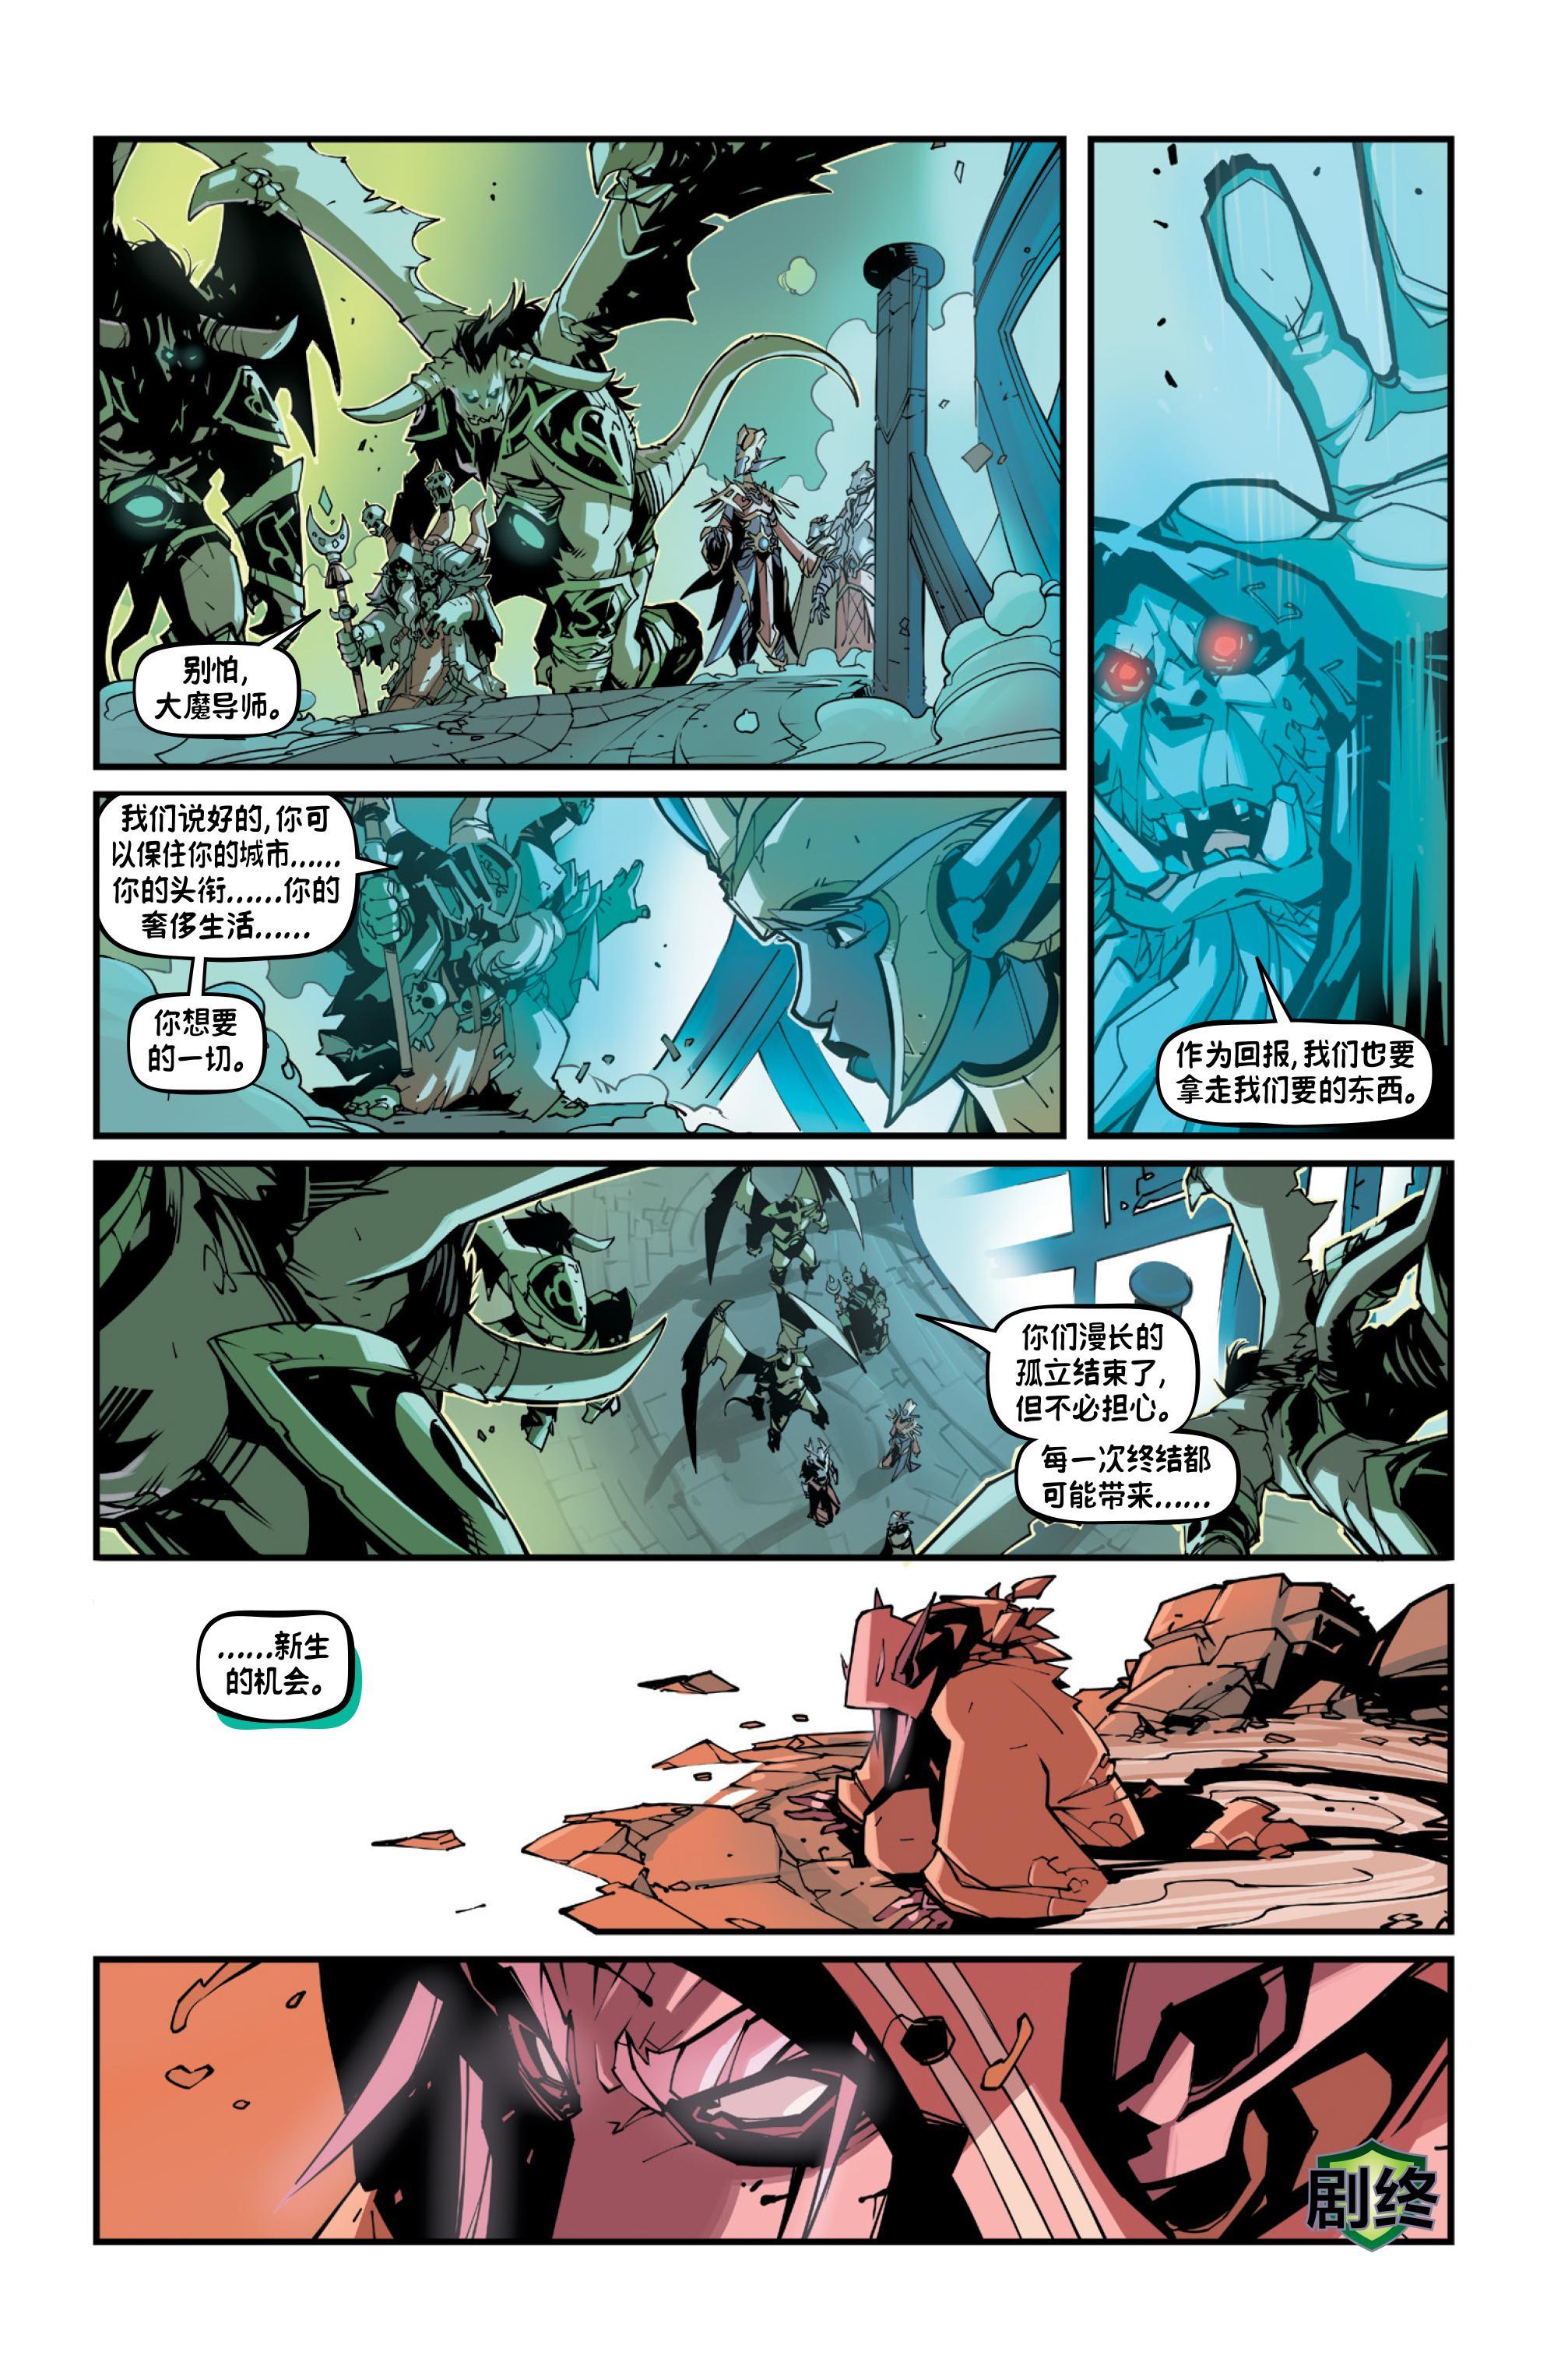 魔兽7.0官方漫画第二部 夜之子精灵:苏拉玛黄昏